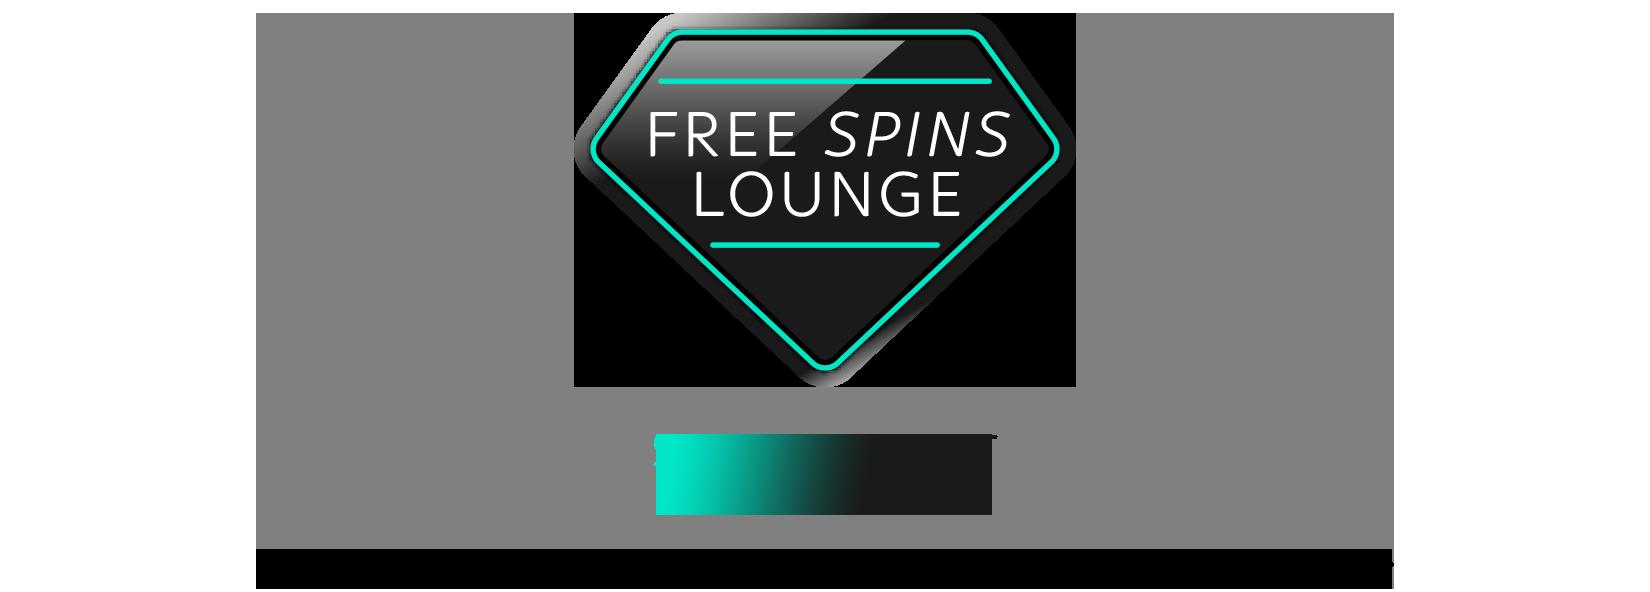 Sky Casino | Play Live Casino Games Anywhere | Spend £10 Get